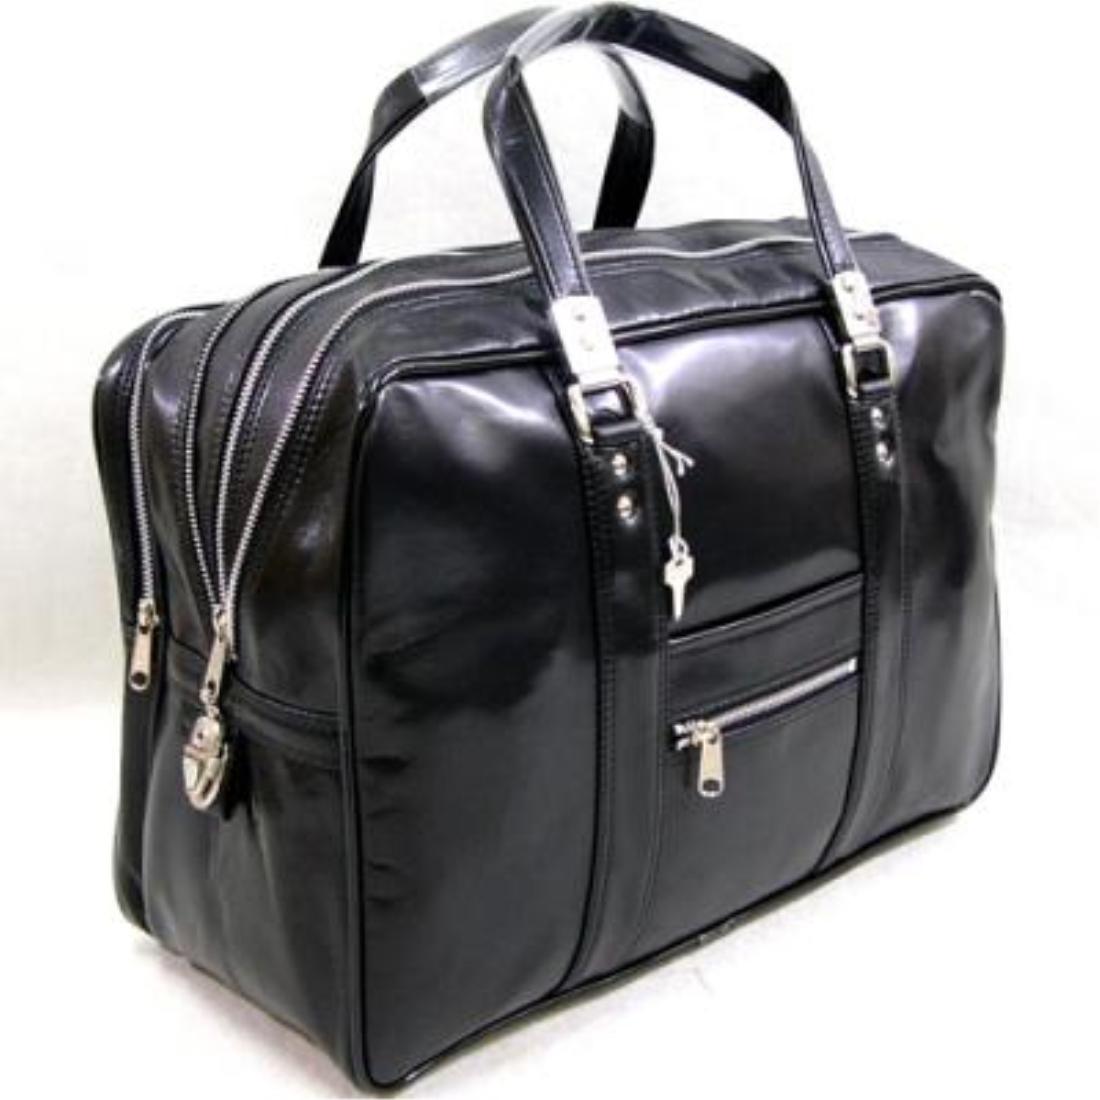 おしゃれ デザイン 日本 ボストン バッグ 鞄 銀行 ビジネス国産銀行ボストンバッグブラック